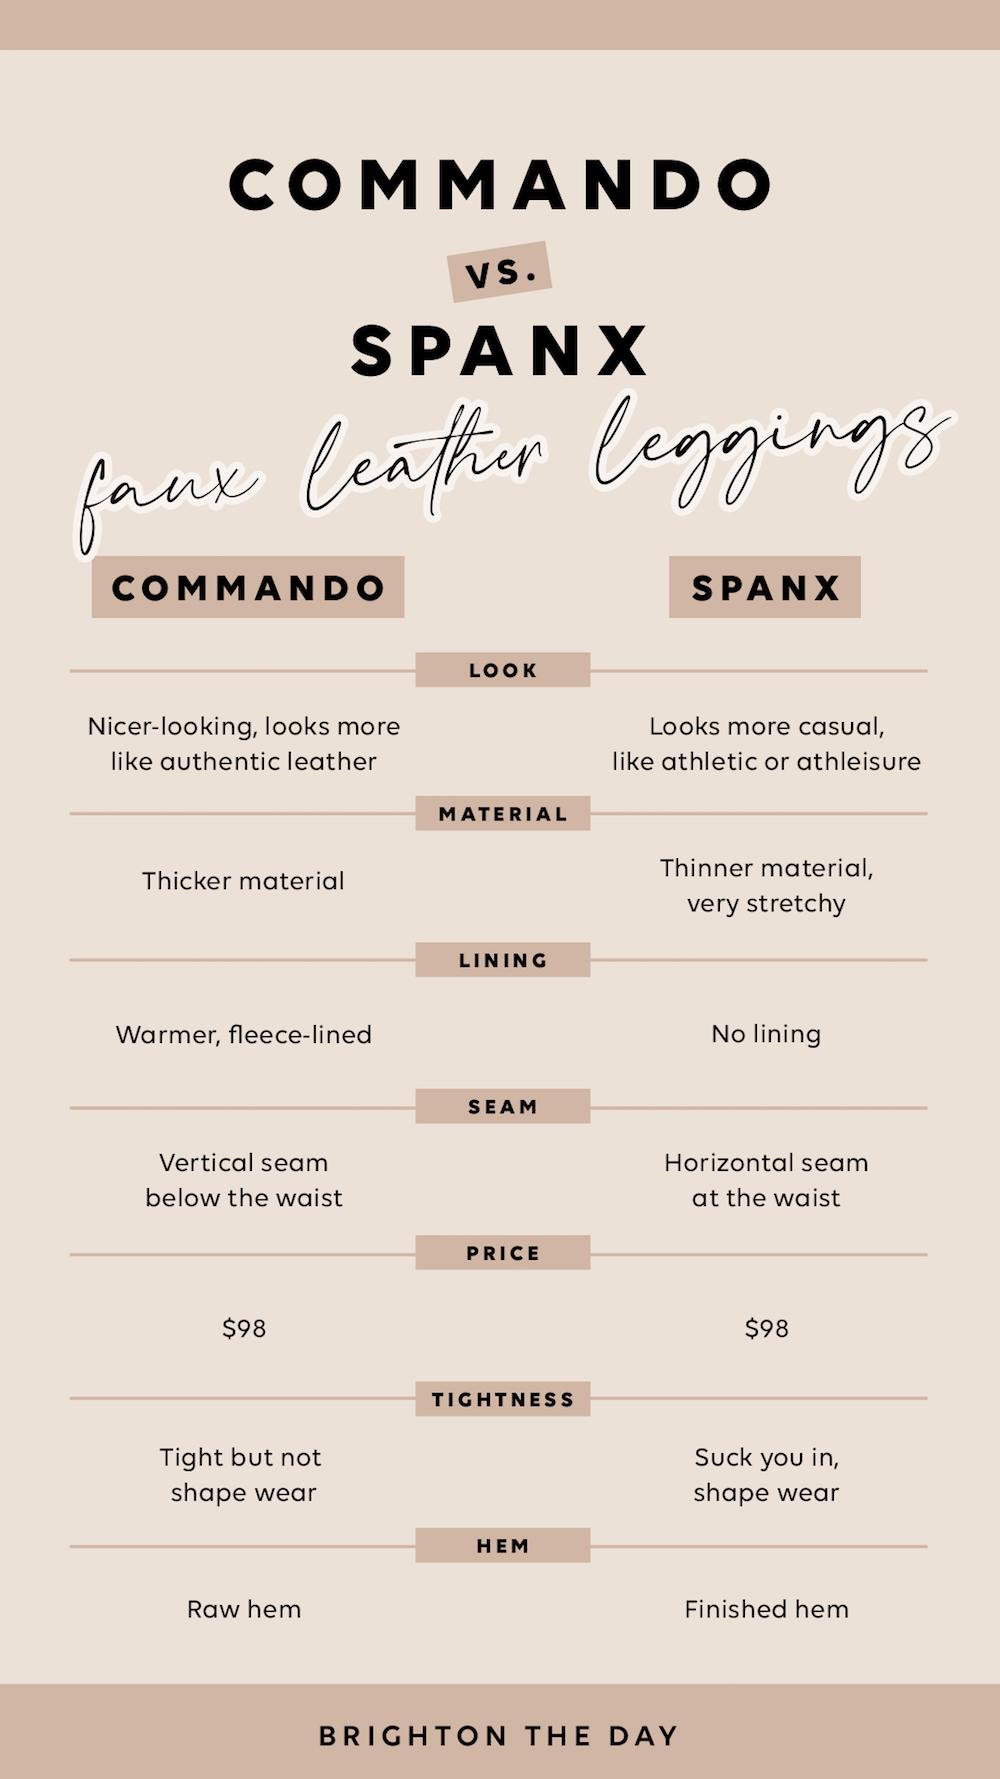 spanx vs commando faux leather leggings comparison brighton the day blog